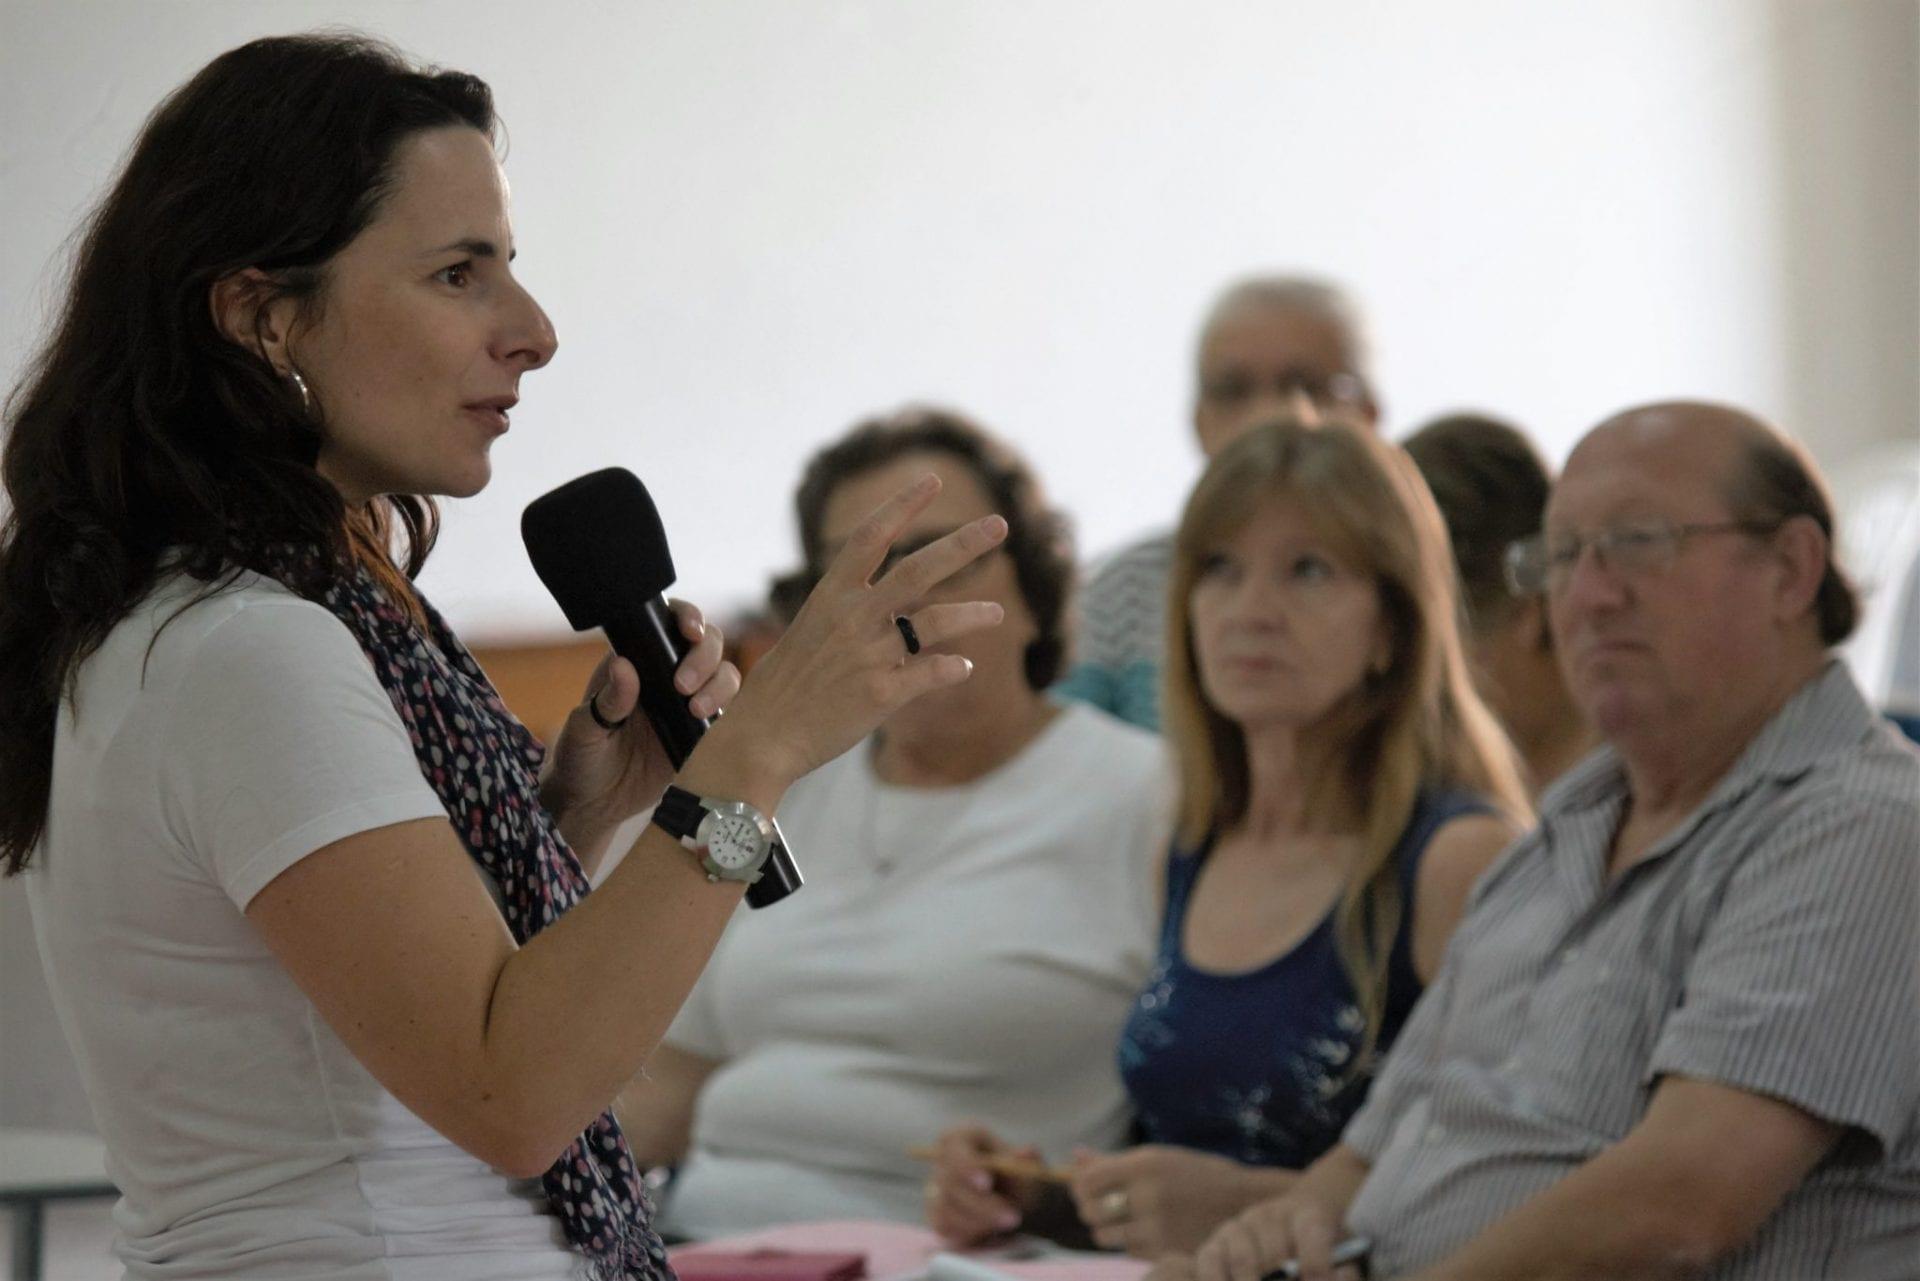 Analfabetos são menos de 1% dos que chegam ao Centro de Referência para Refugiados da Cáritas SP é de analfabetos, disse doutora em Direitos Humanos, Larissa Leite (Foto: Marcelo Luiz Zapelini/Agência Sul 4)